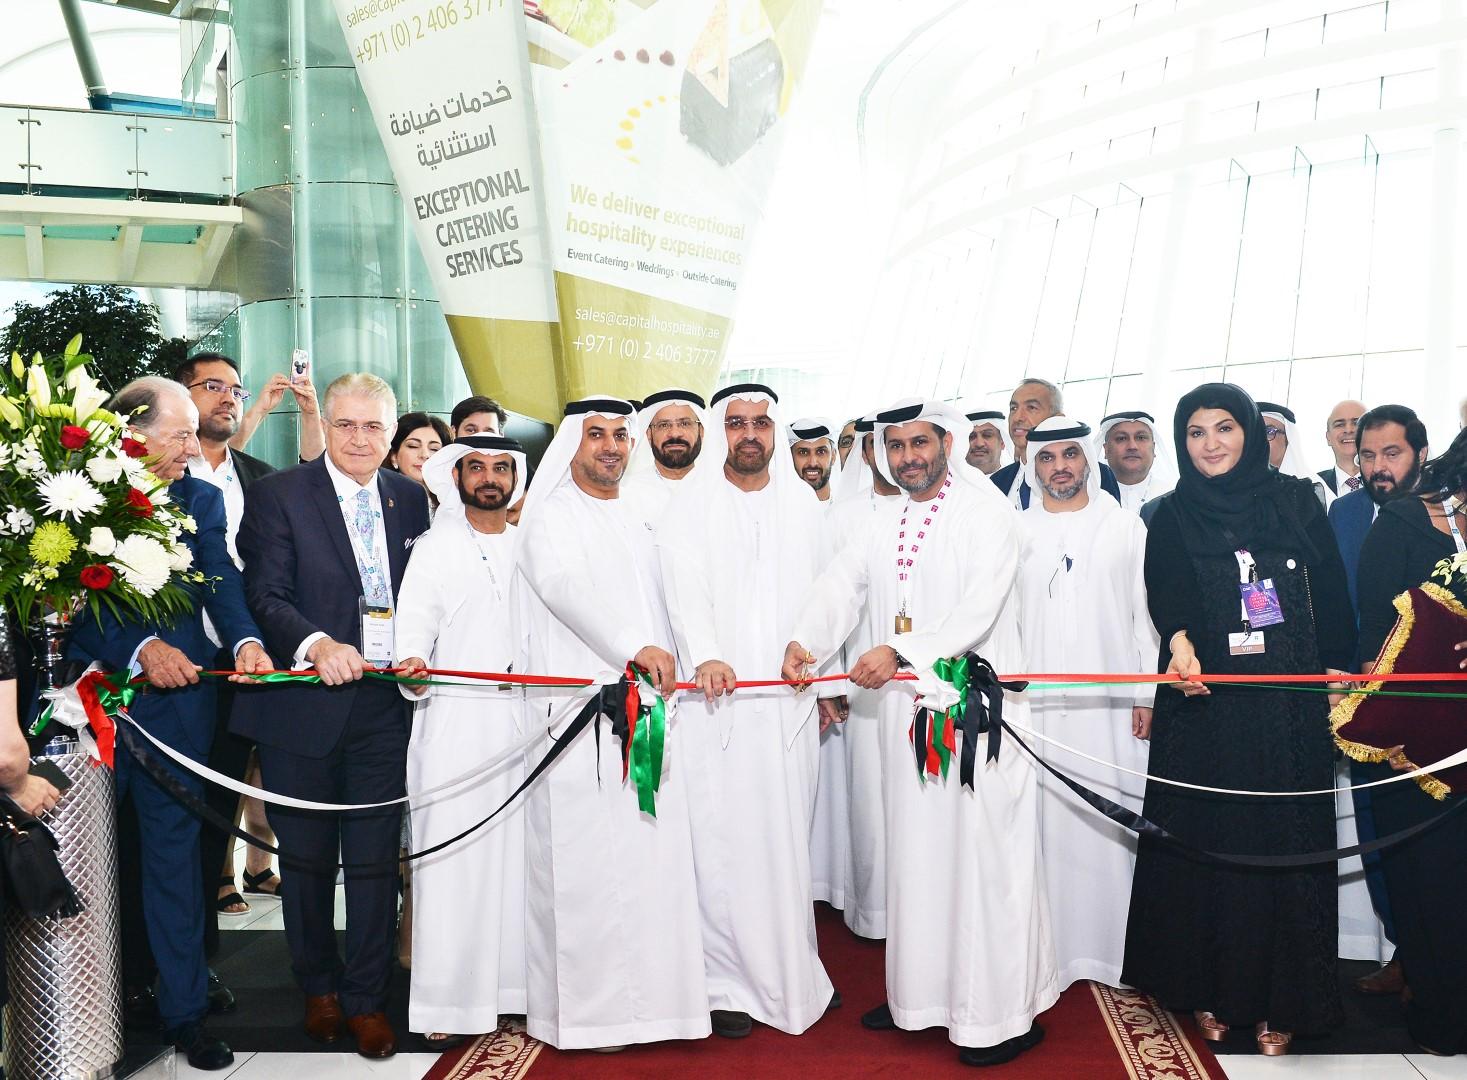 انطلاق معرض الفرانشايز العالمي في أبوظبي